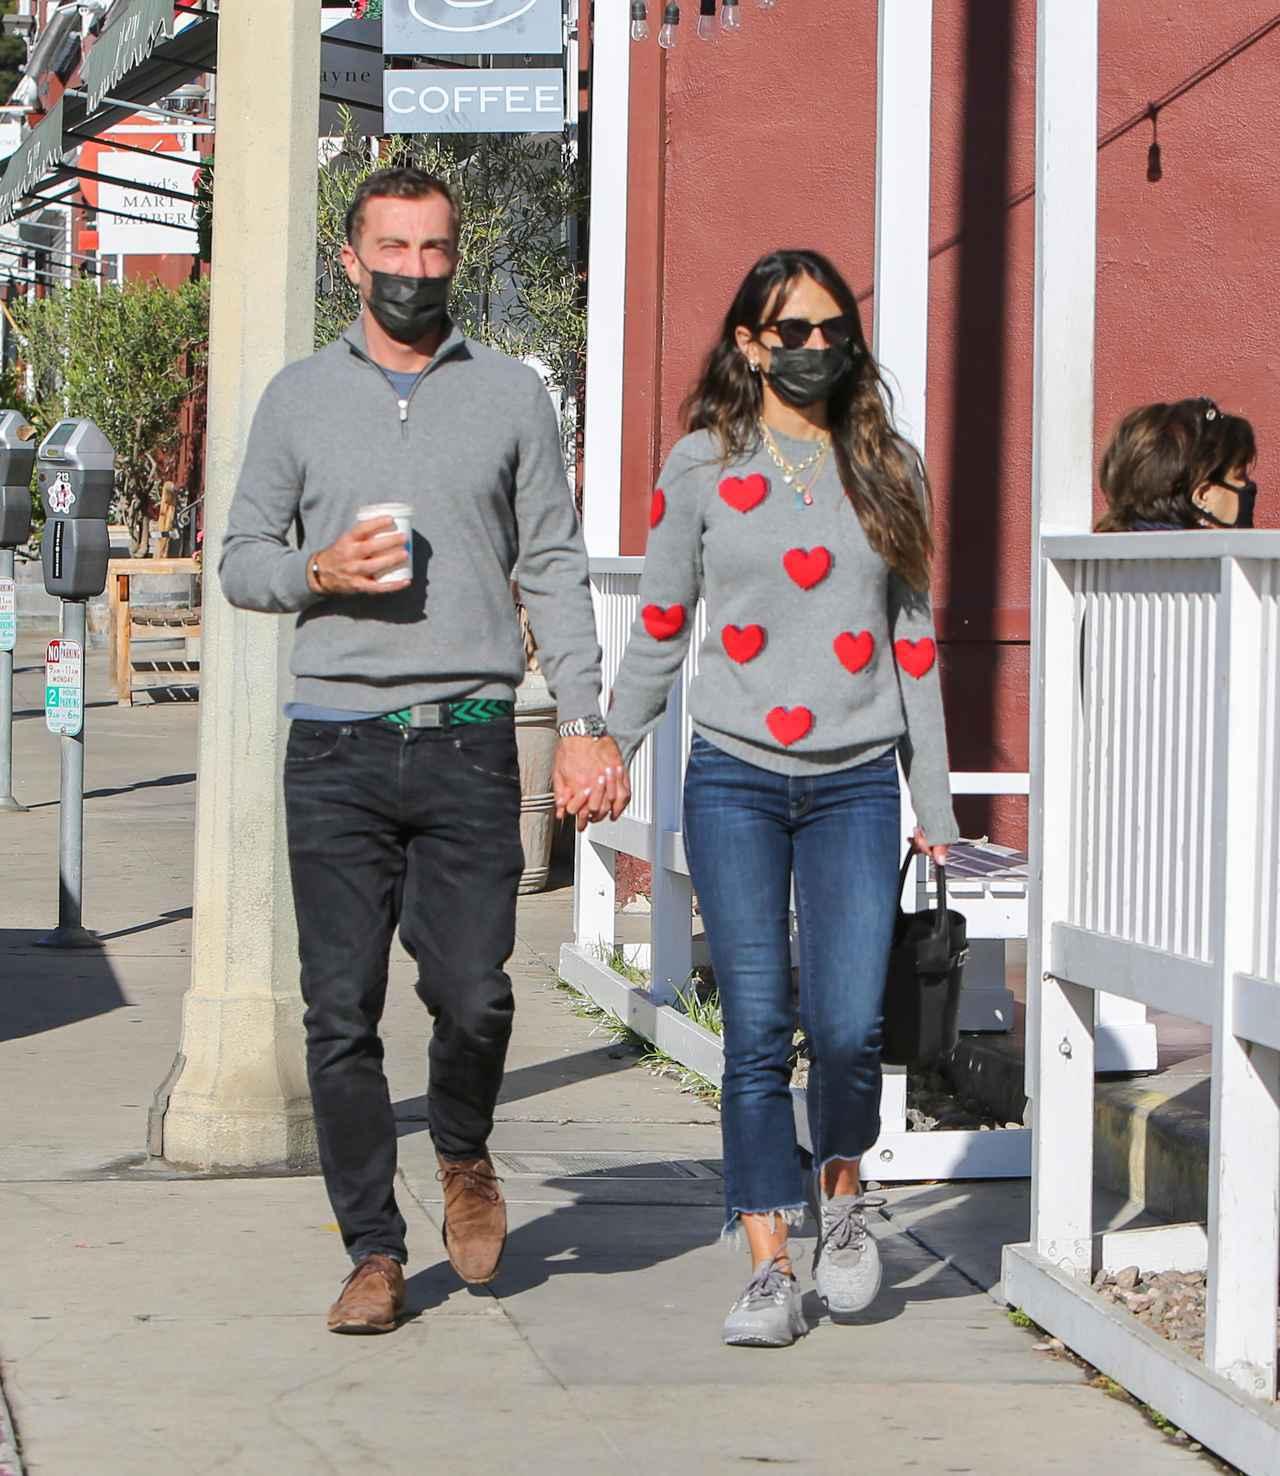 画像: 2020年12月にロサンゼルスでデートをしているジョーダナとメイソン。